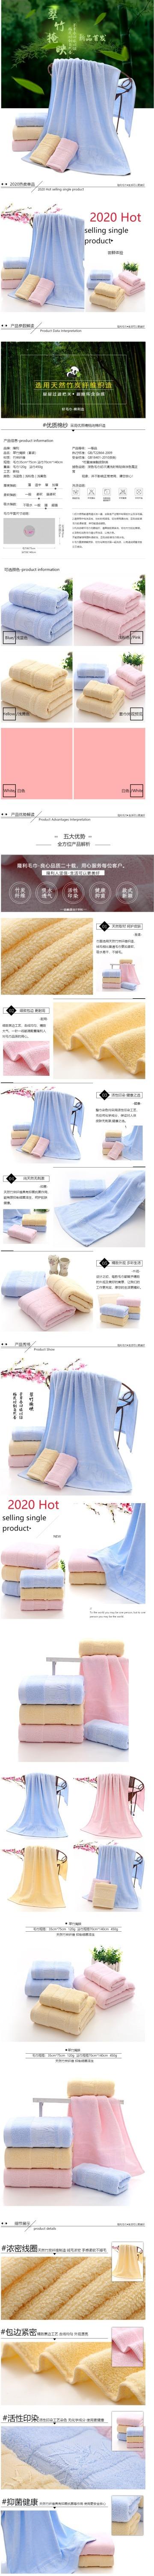 清新简约毛巾浴巾电商详情页